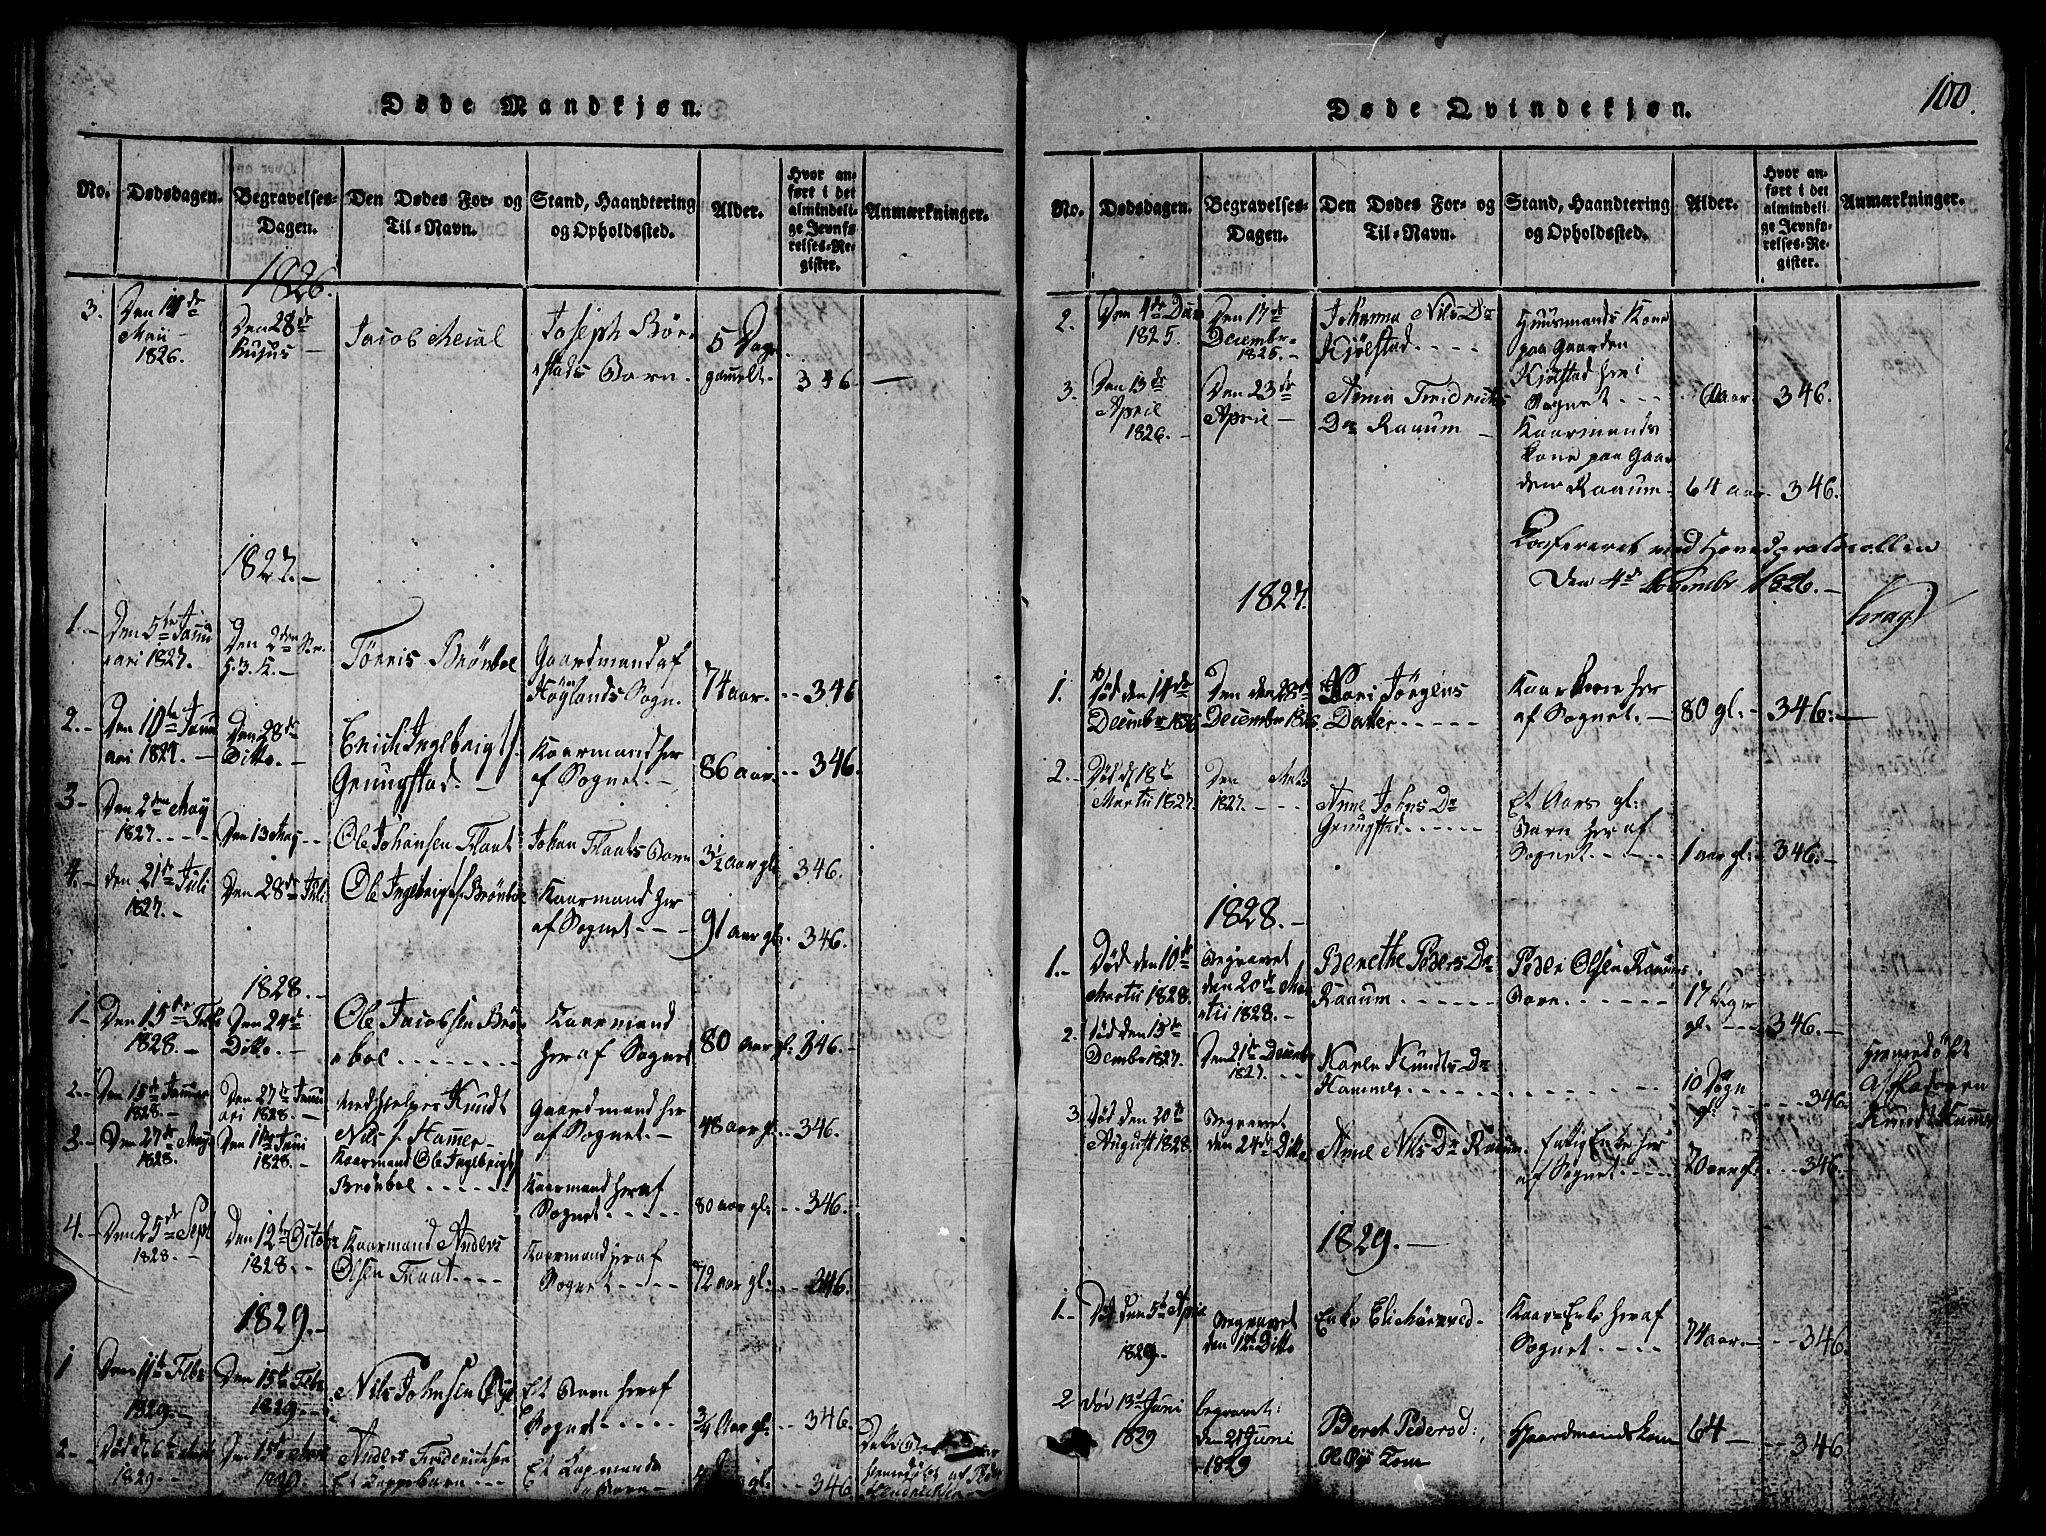 SAT, Ministerialprotokoller, klokkerbøker og fødselsregistre - Nord-Trøndelag, 765/L0562: Klokkerbok nr. 765C01, 1817-1851, s. 100